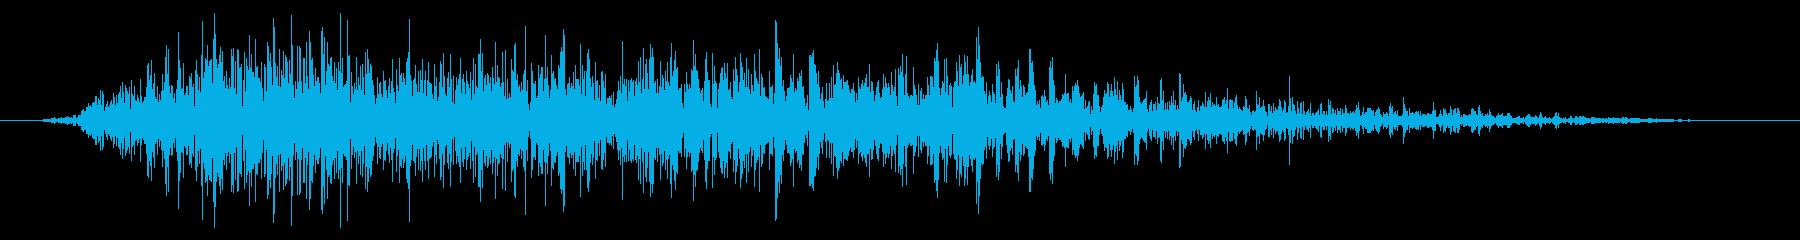 ワーム モンスター ゲーム 死亡時の再生済みの波形